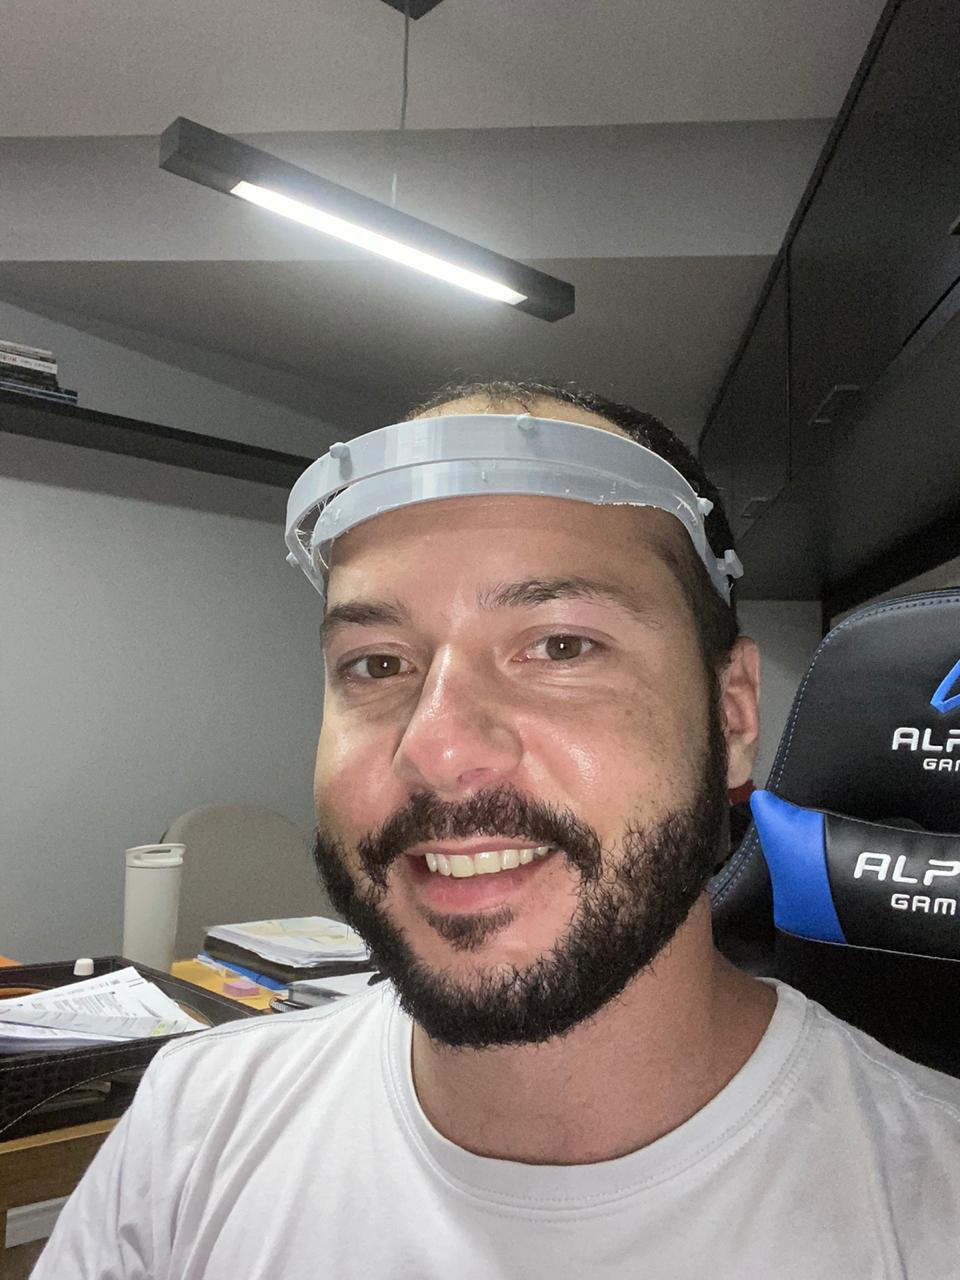 O professor do Curso de Engenharia da UNDB Thiago Coelho é um dos voluntários do projeto.